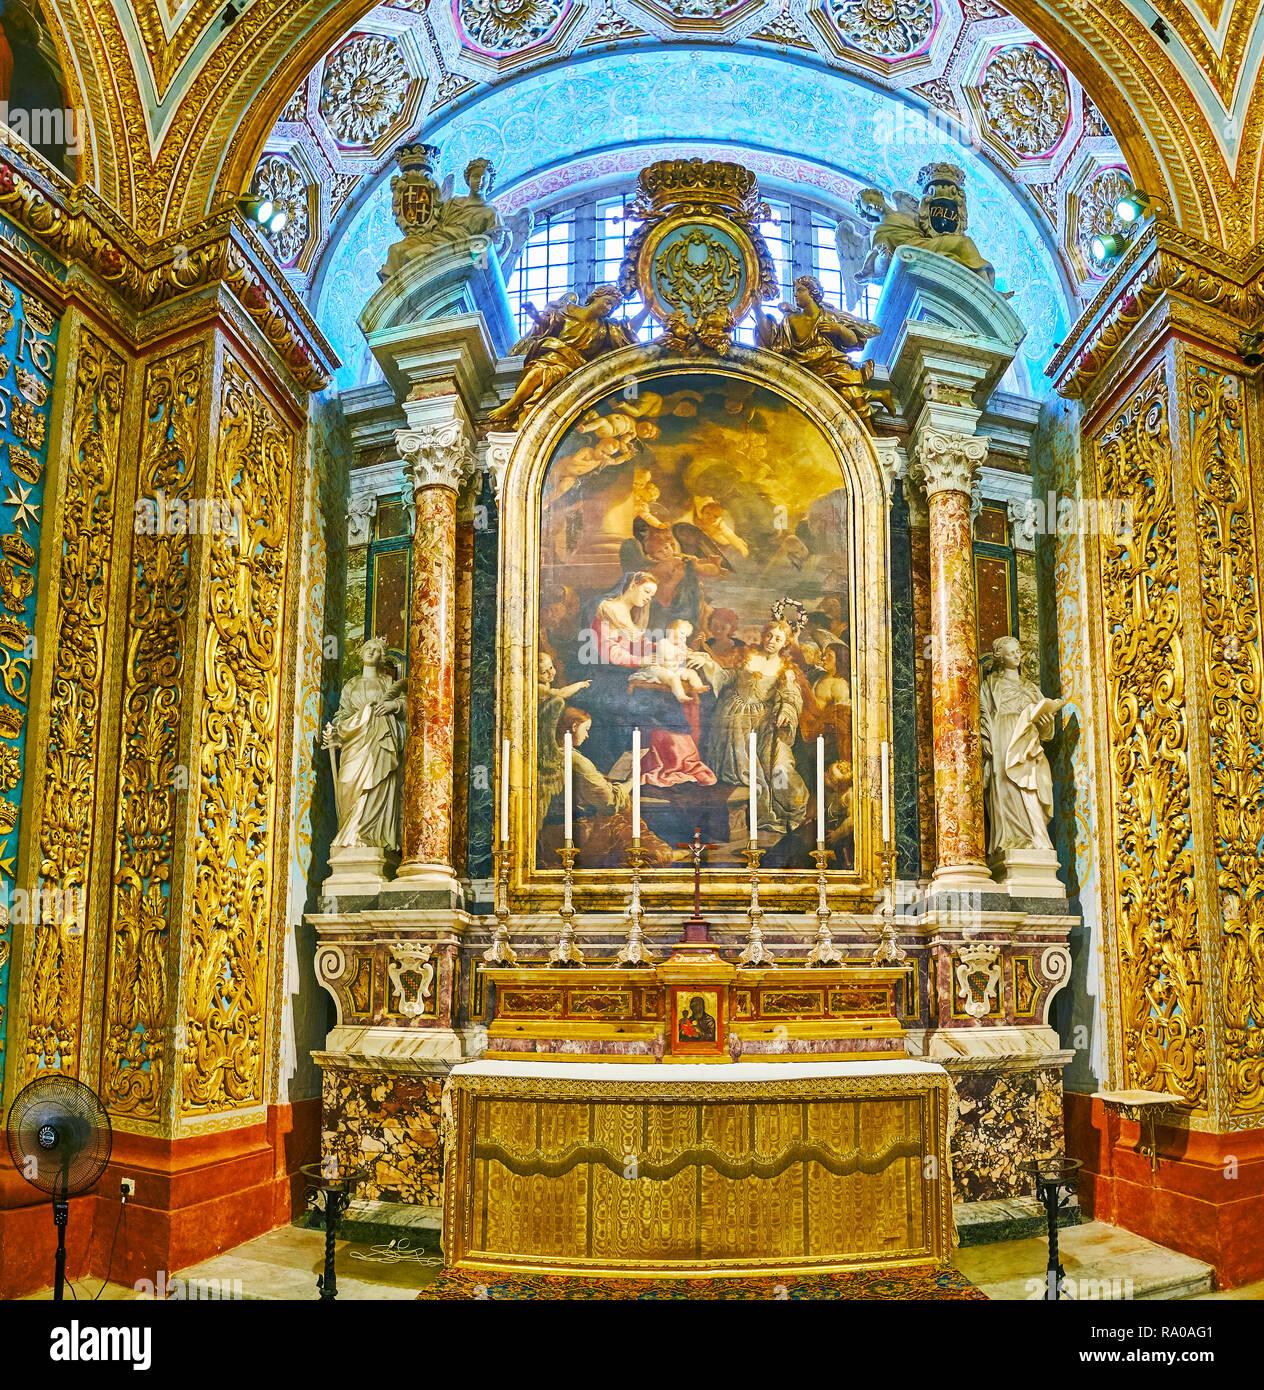 https www alamyimages fr la valette malte le 18 juin 2018 la chapelle de la langue de l italie a st johns co cathedrale avec de riches decors d or statues de st catherine et st a image229889633 html